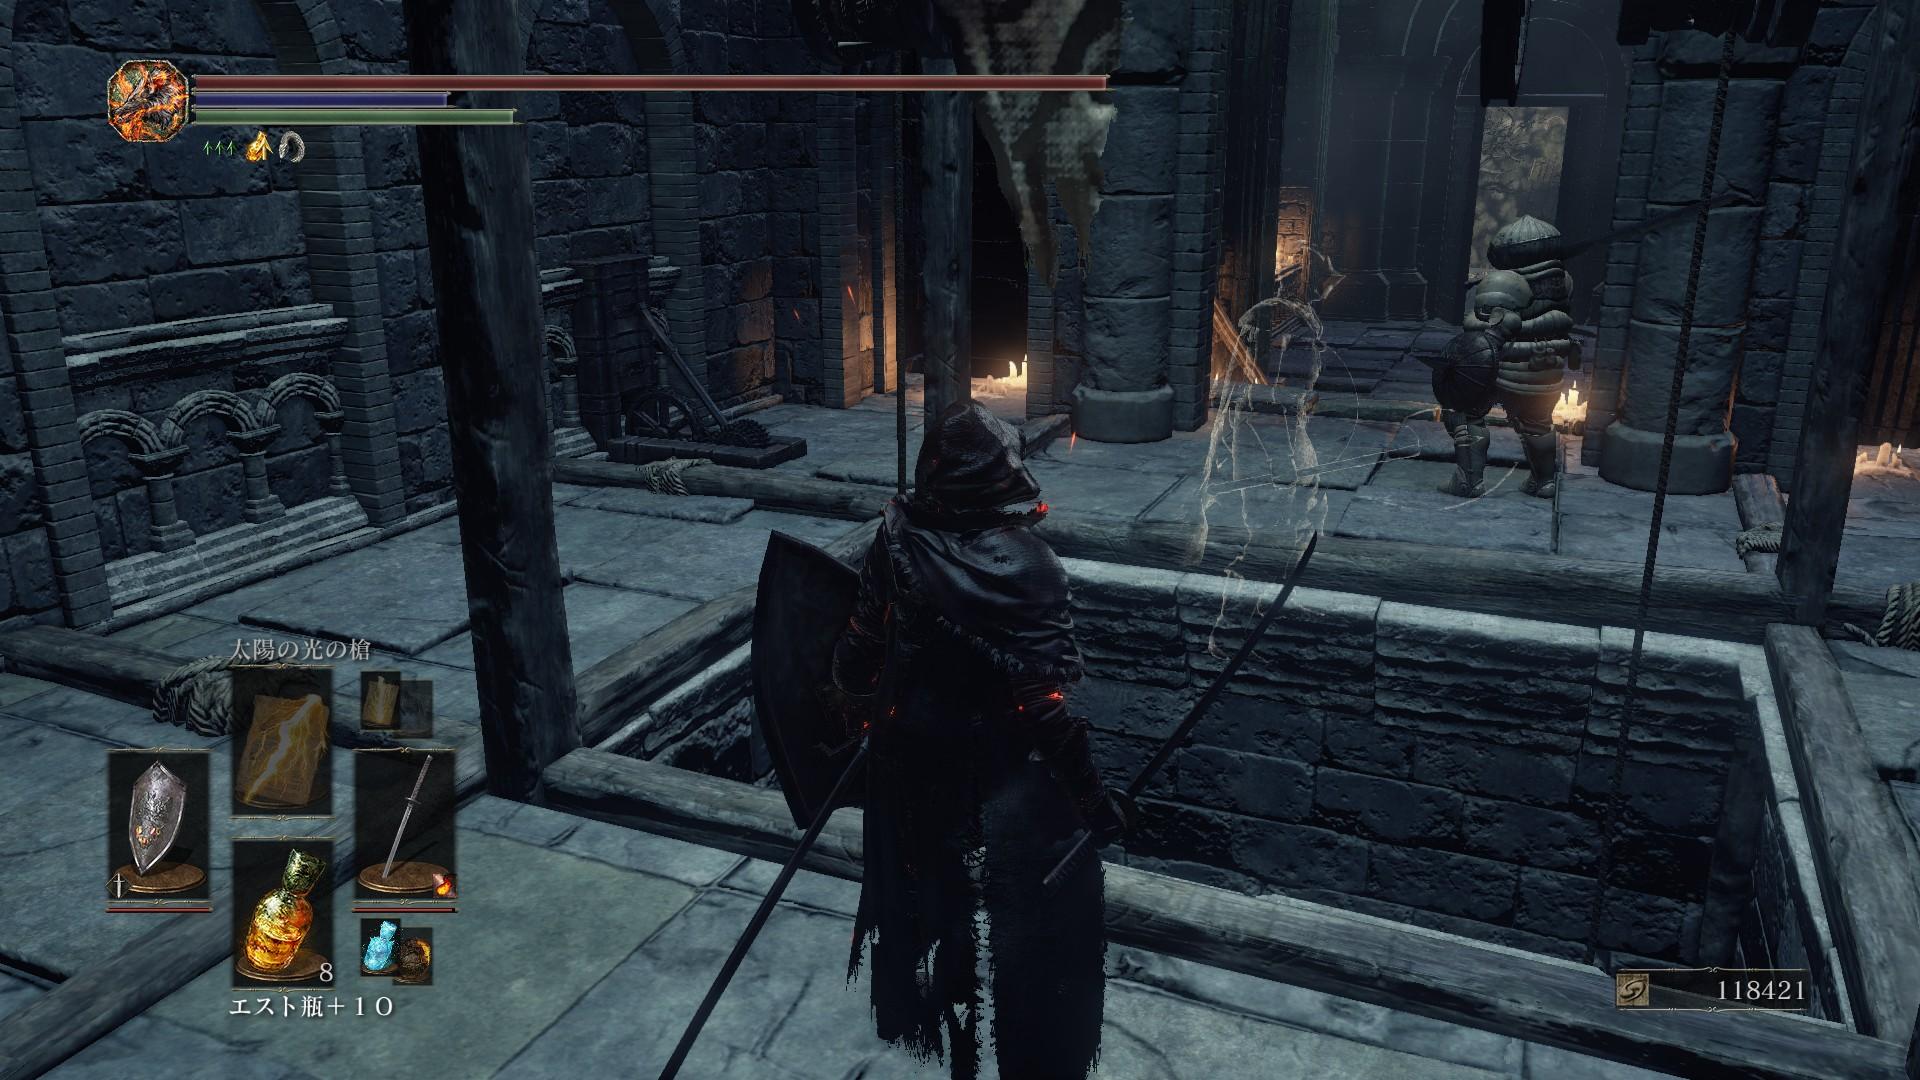 [ゲーム]闇の魂さん2